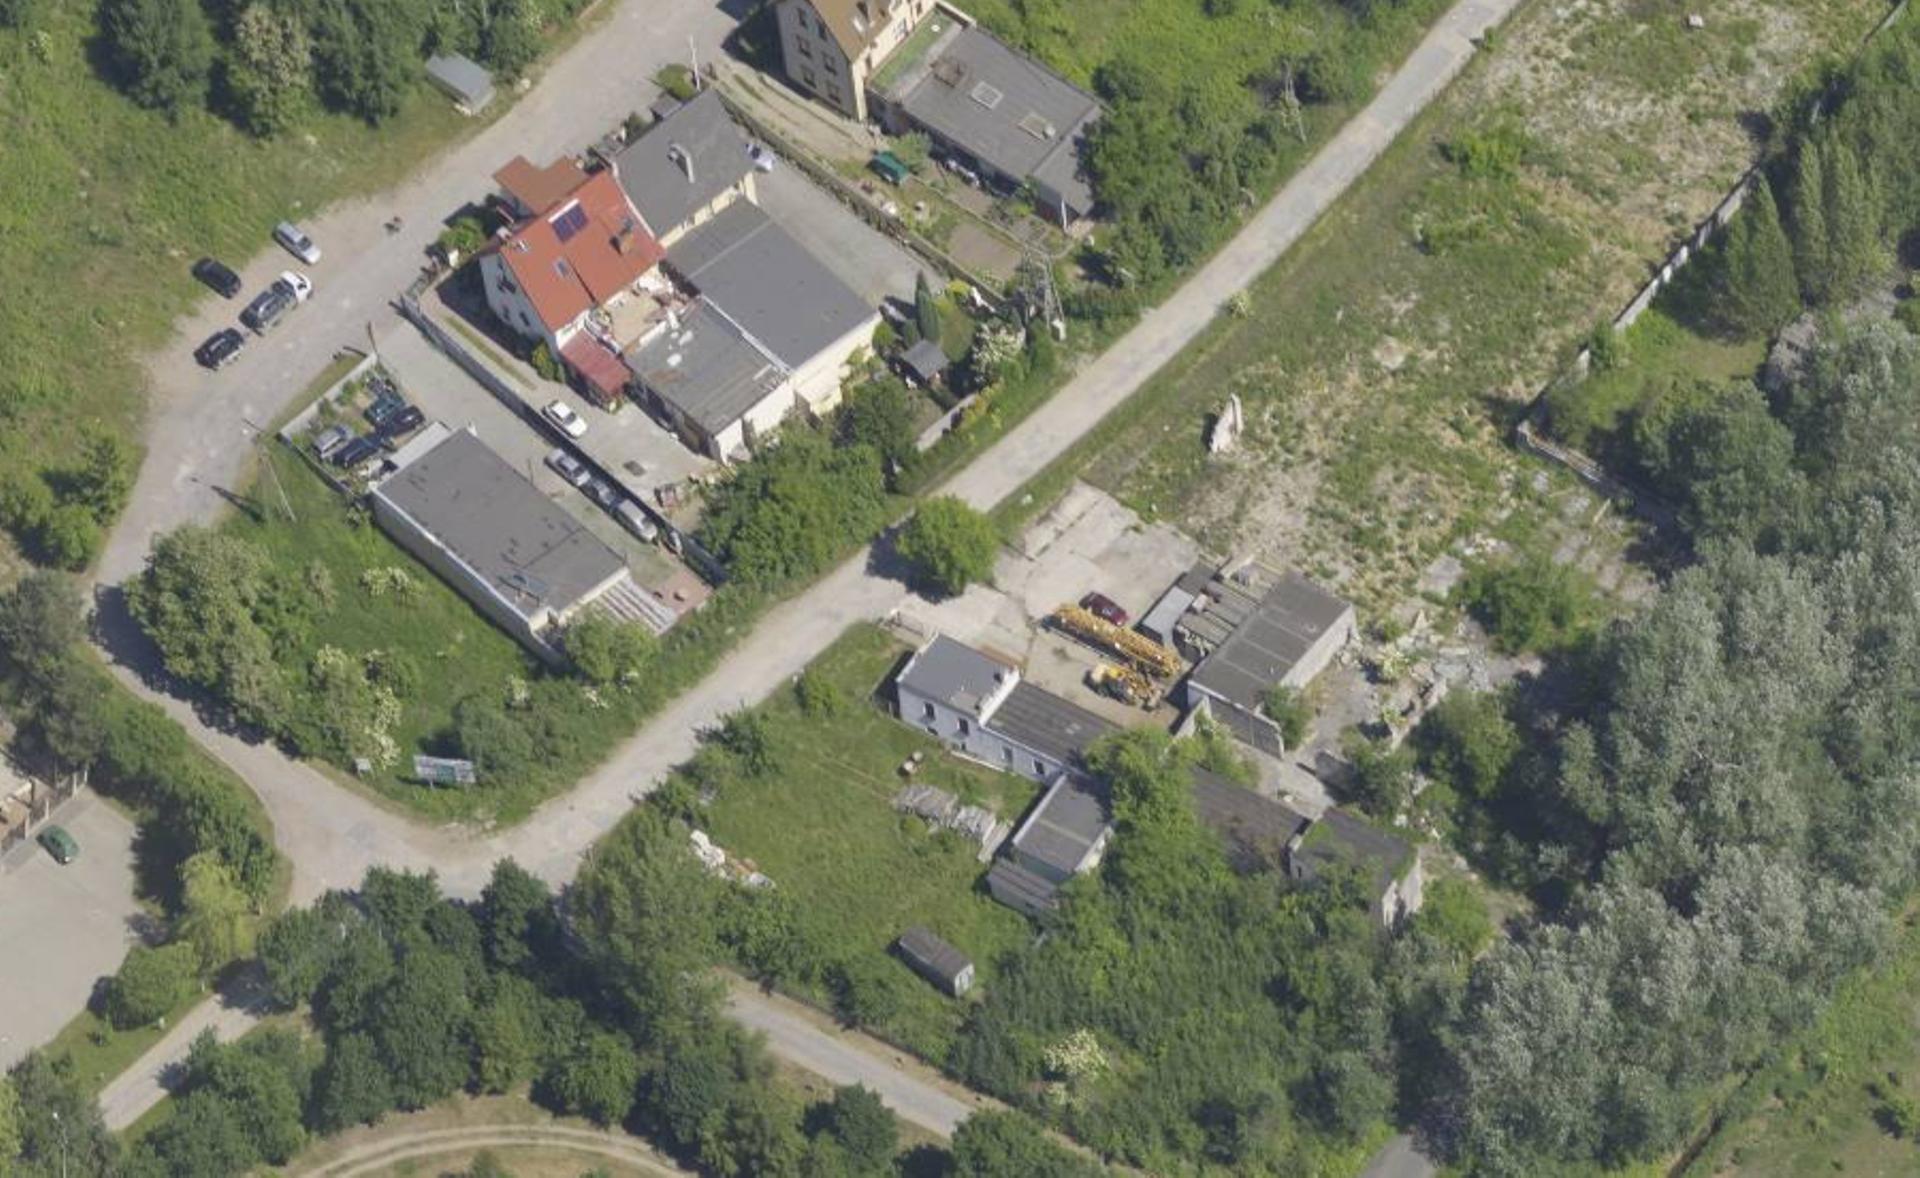 Wrocław: Potokowa Residence – M3 Invest zapowiada budowę luksusowego osiedla na Maślicach